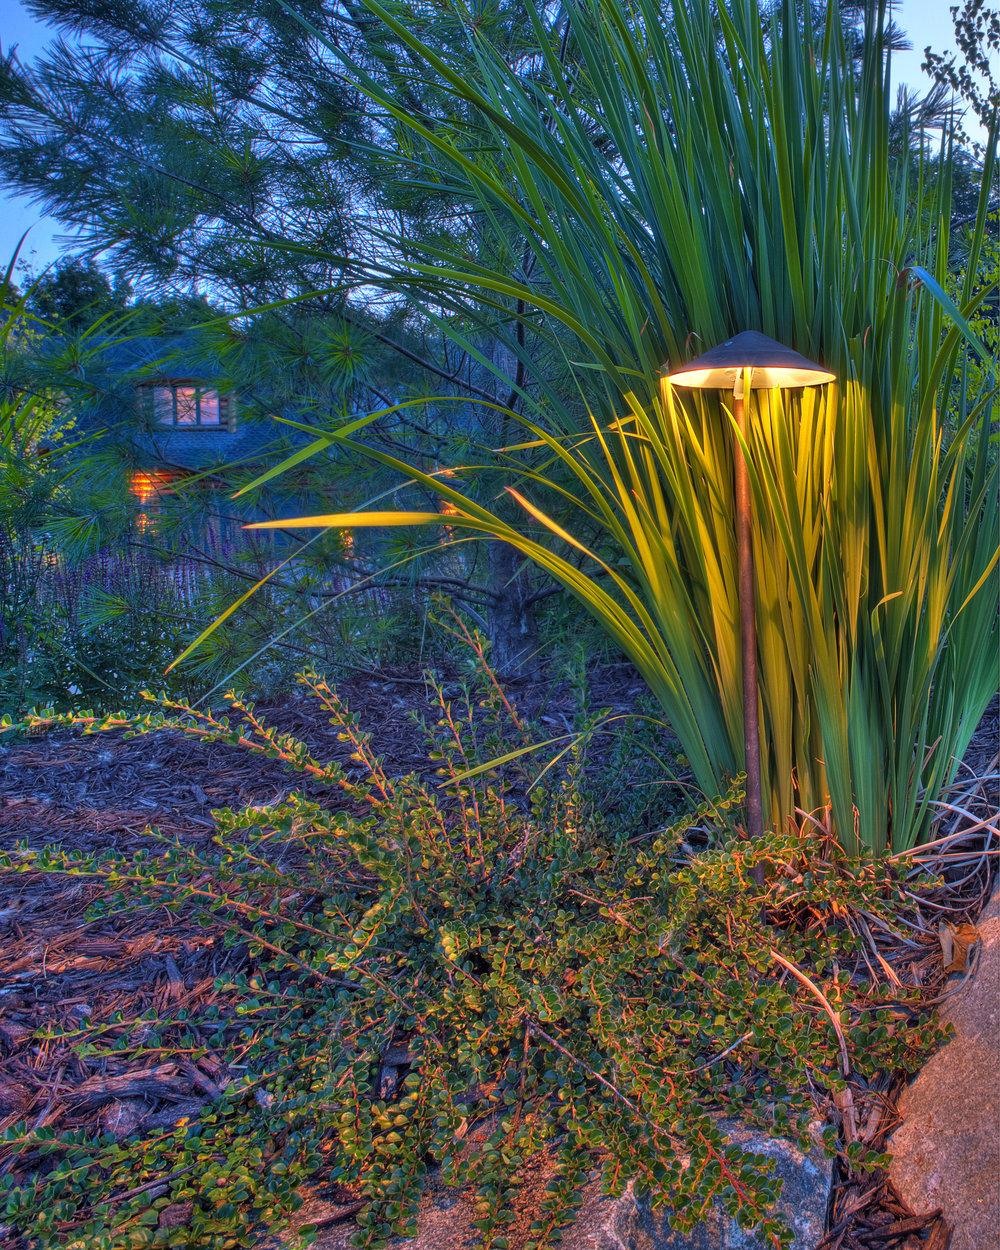 mound-lighting-night.jpg